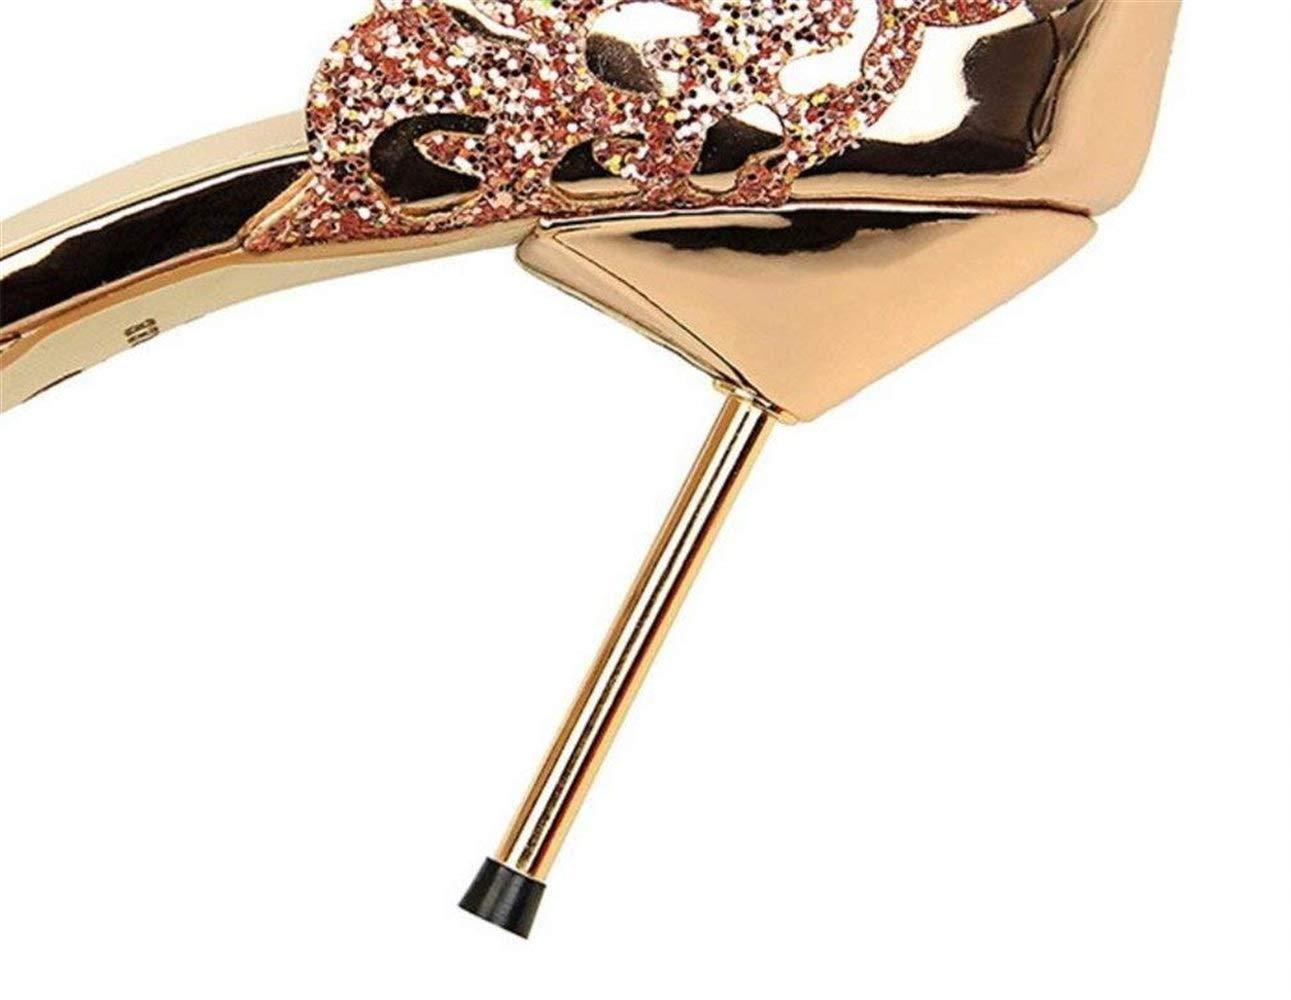 Moontang Stöckelabsatz Stöckelabsatz Stöckelabsatz Damen Damen Plateau High Heel Peep Toe Kreuz über Riemchen Sandalen Schuhe (Farbe   Gold, Größe   EU40) a58882